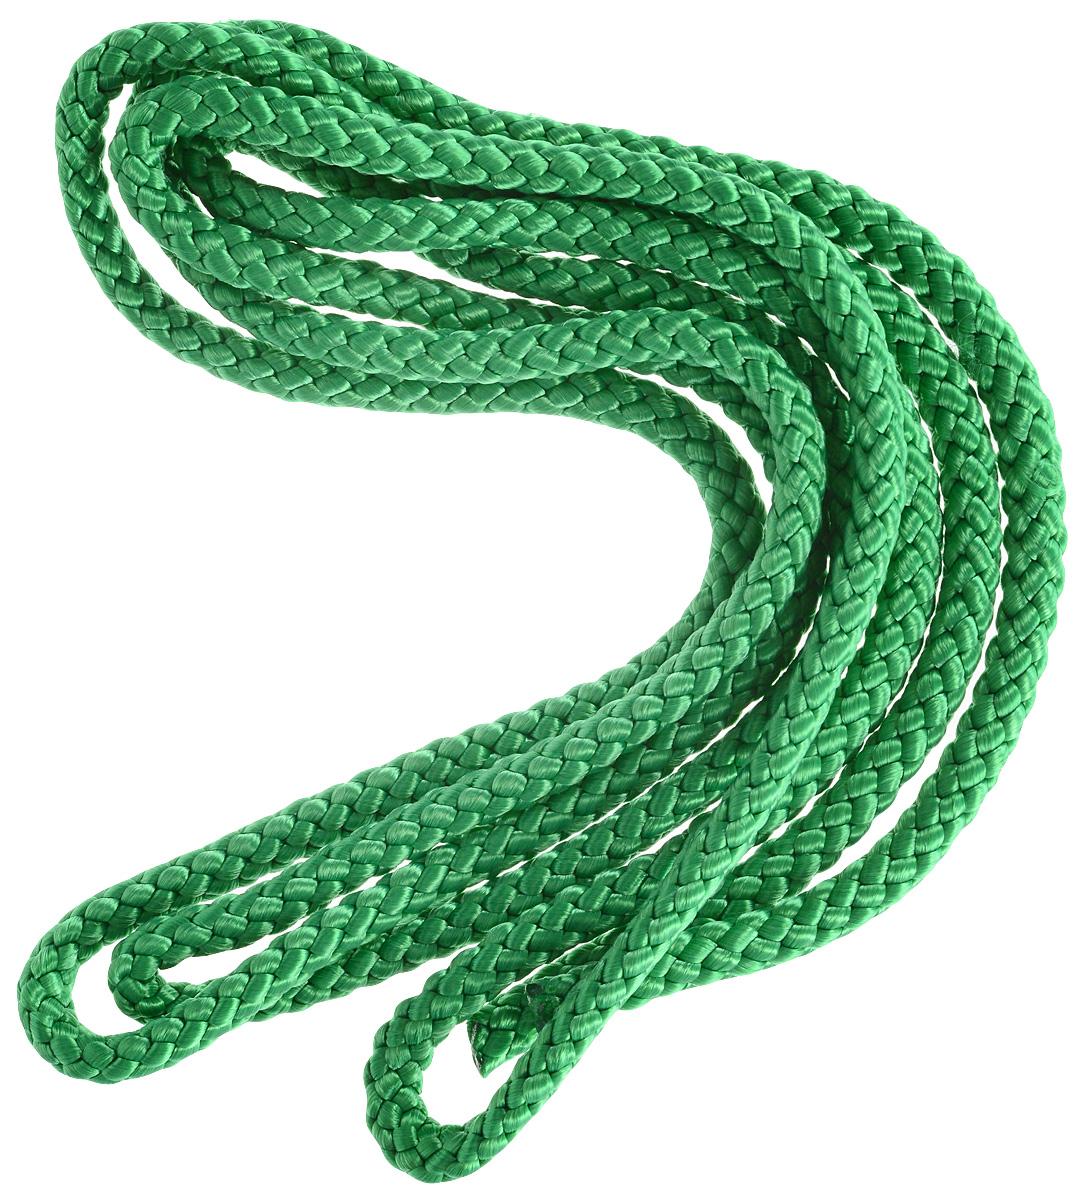 Скакалка гимнастическая Larsen, цвет: зеленый, длина 3 м скакалка скоростная proxima crossfit jr 7001 r red